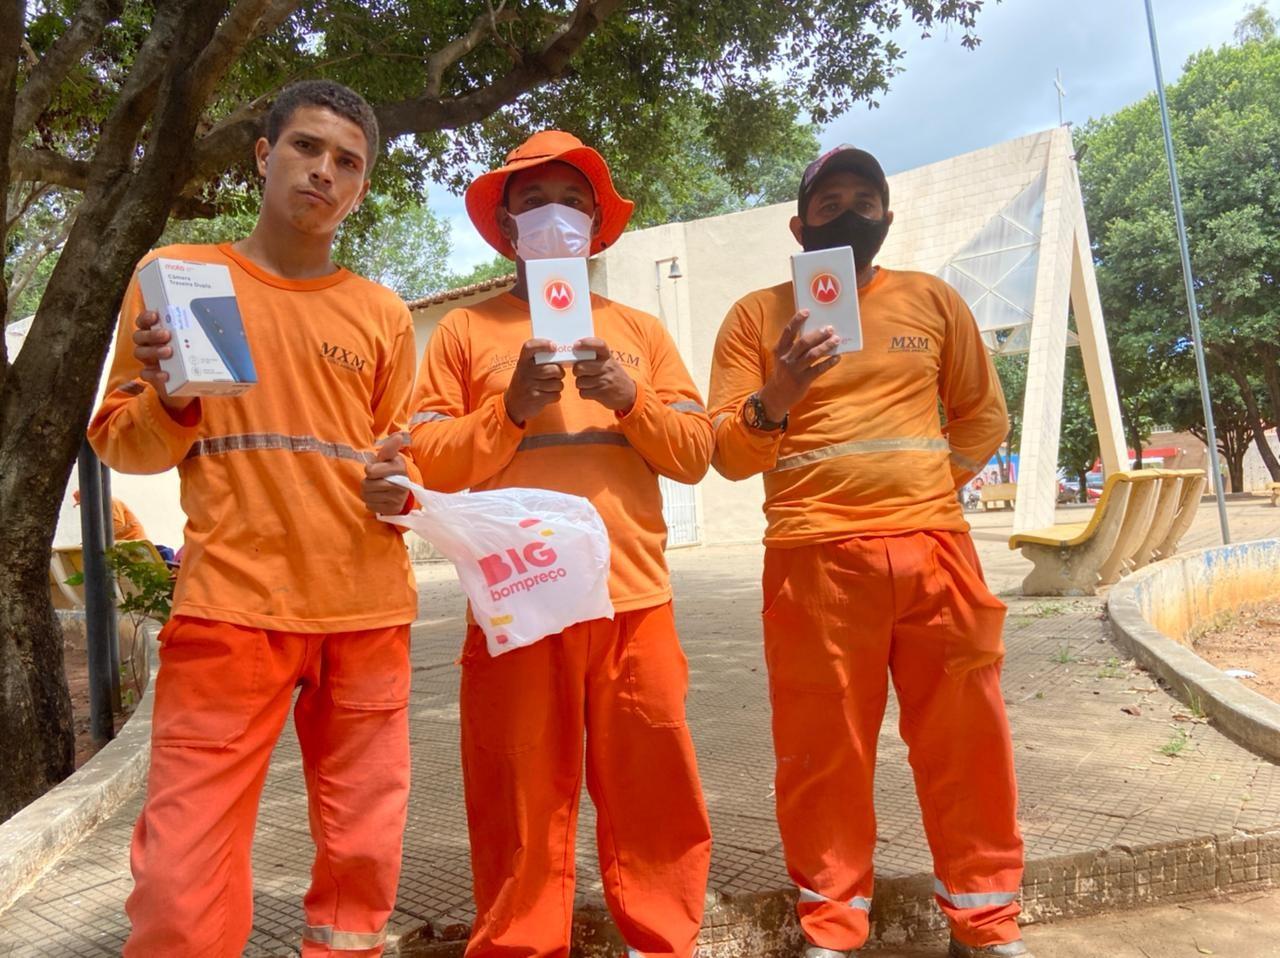 Garis assaltados durante trabalho ganham moto e celulares comprados com vaquinha que arrecadou R$ 20 mil, no Ceará